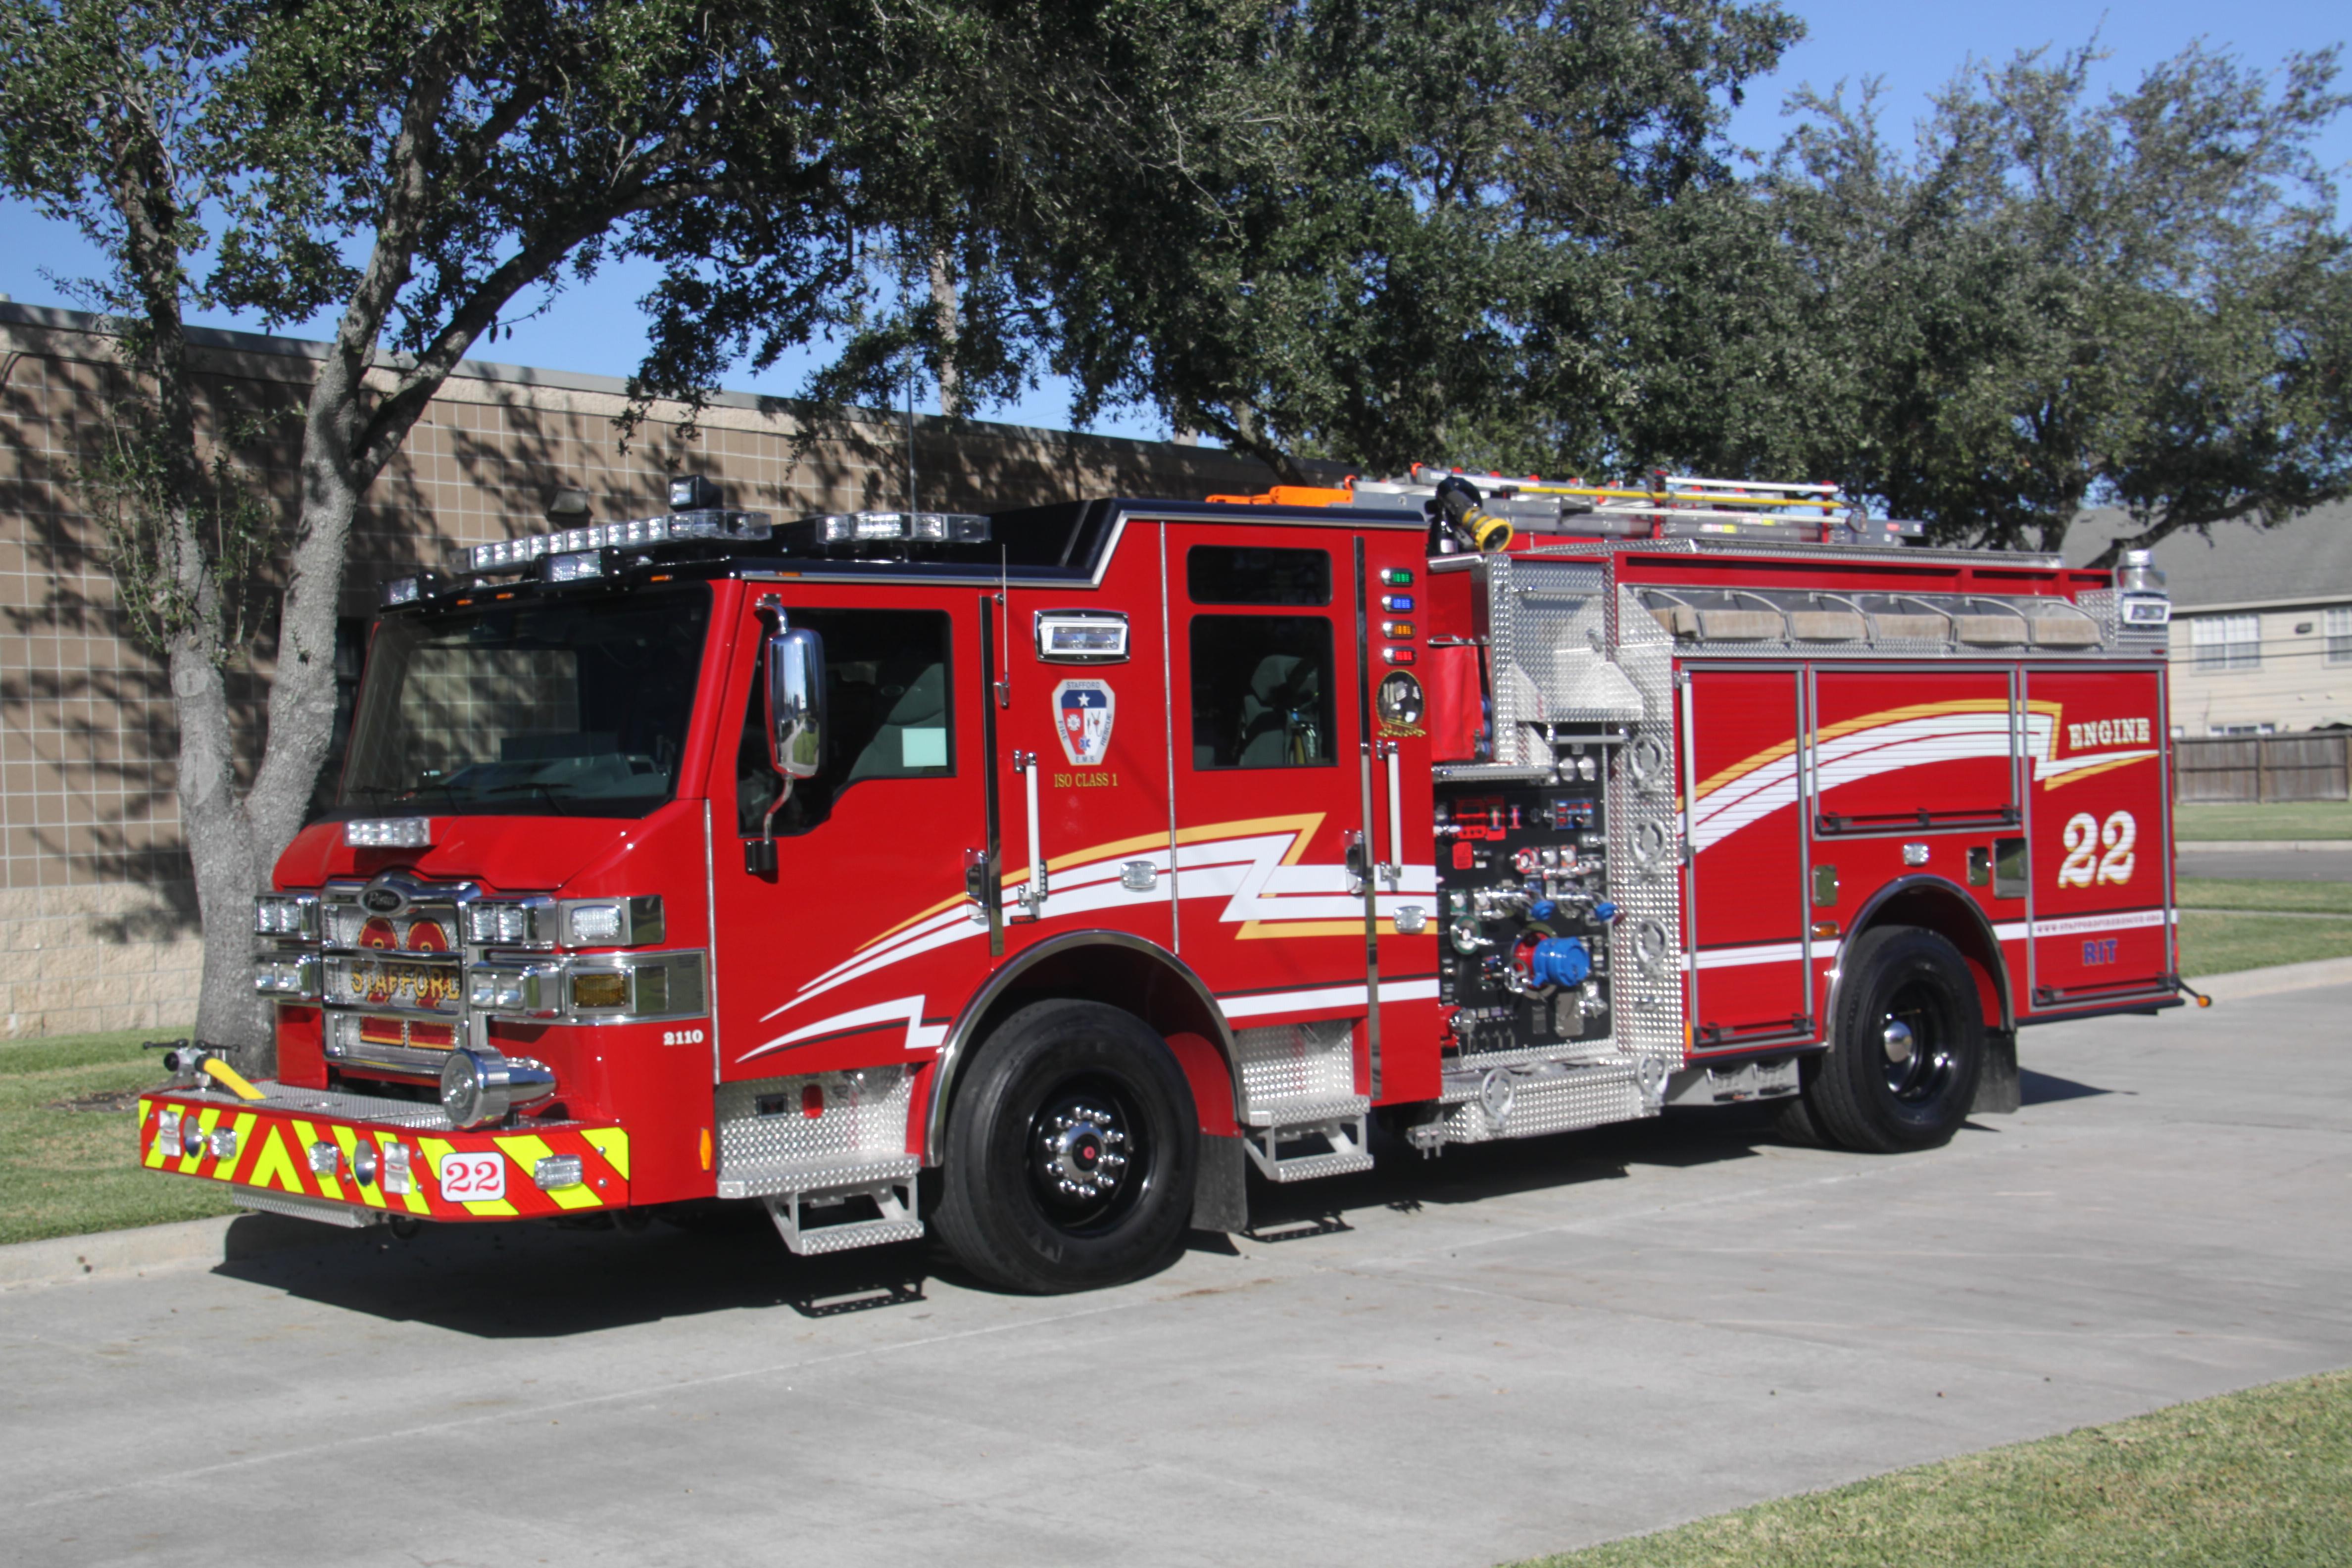 Pierce Fire Truck 4k Ultra Hd Wallpaper Background Image